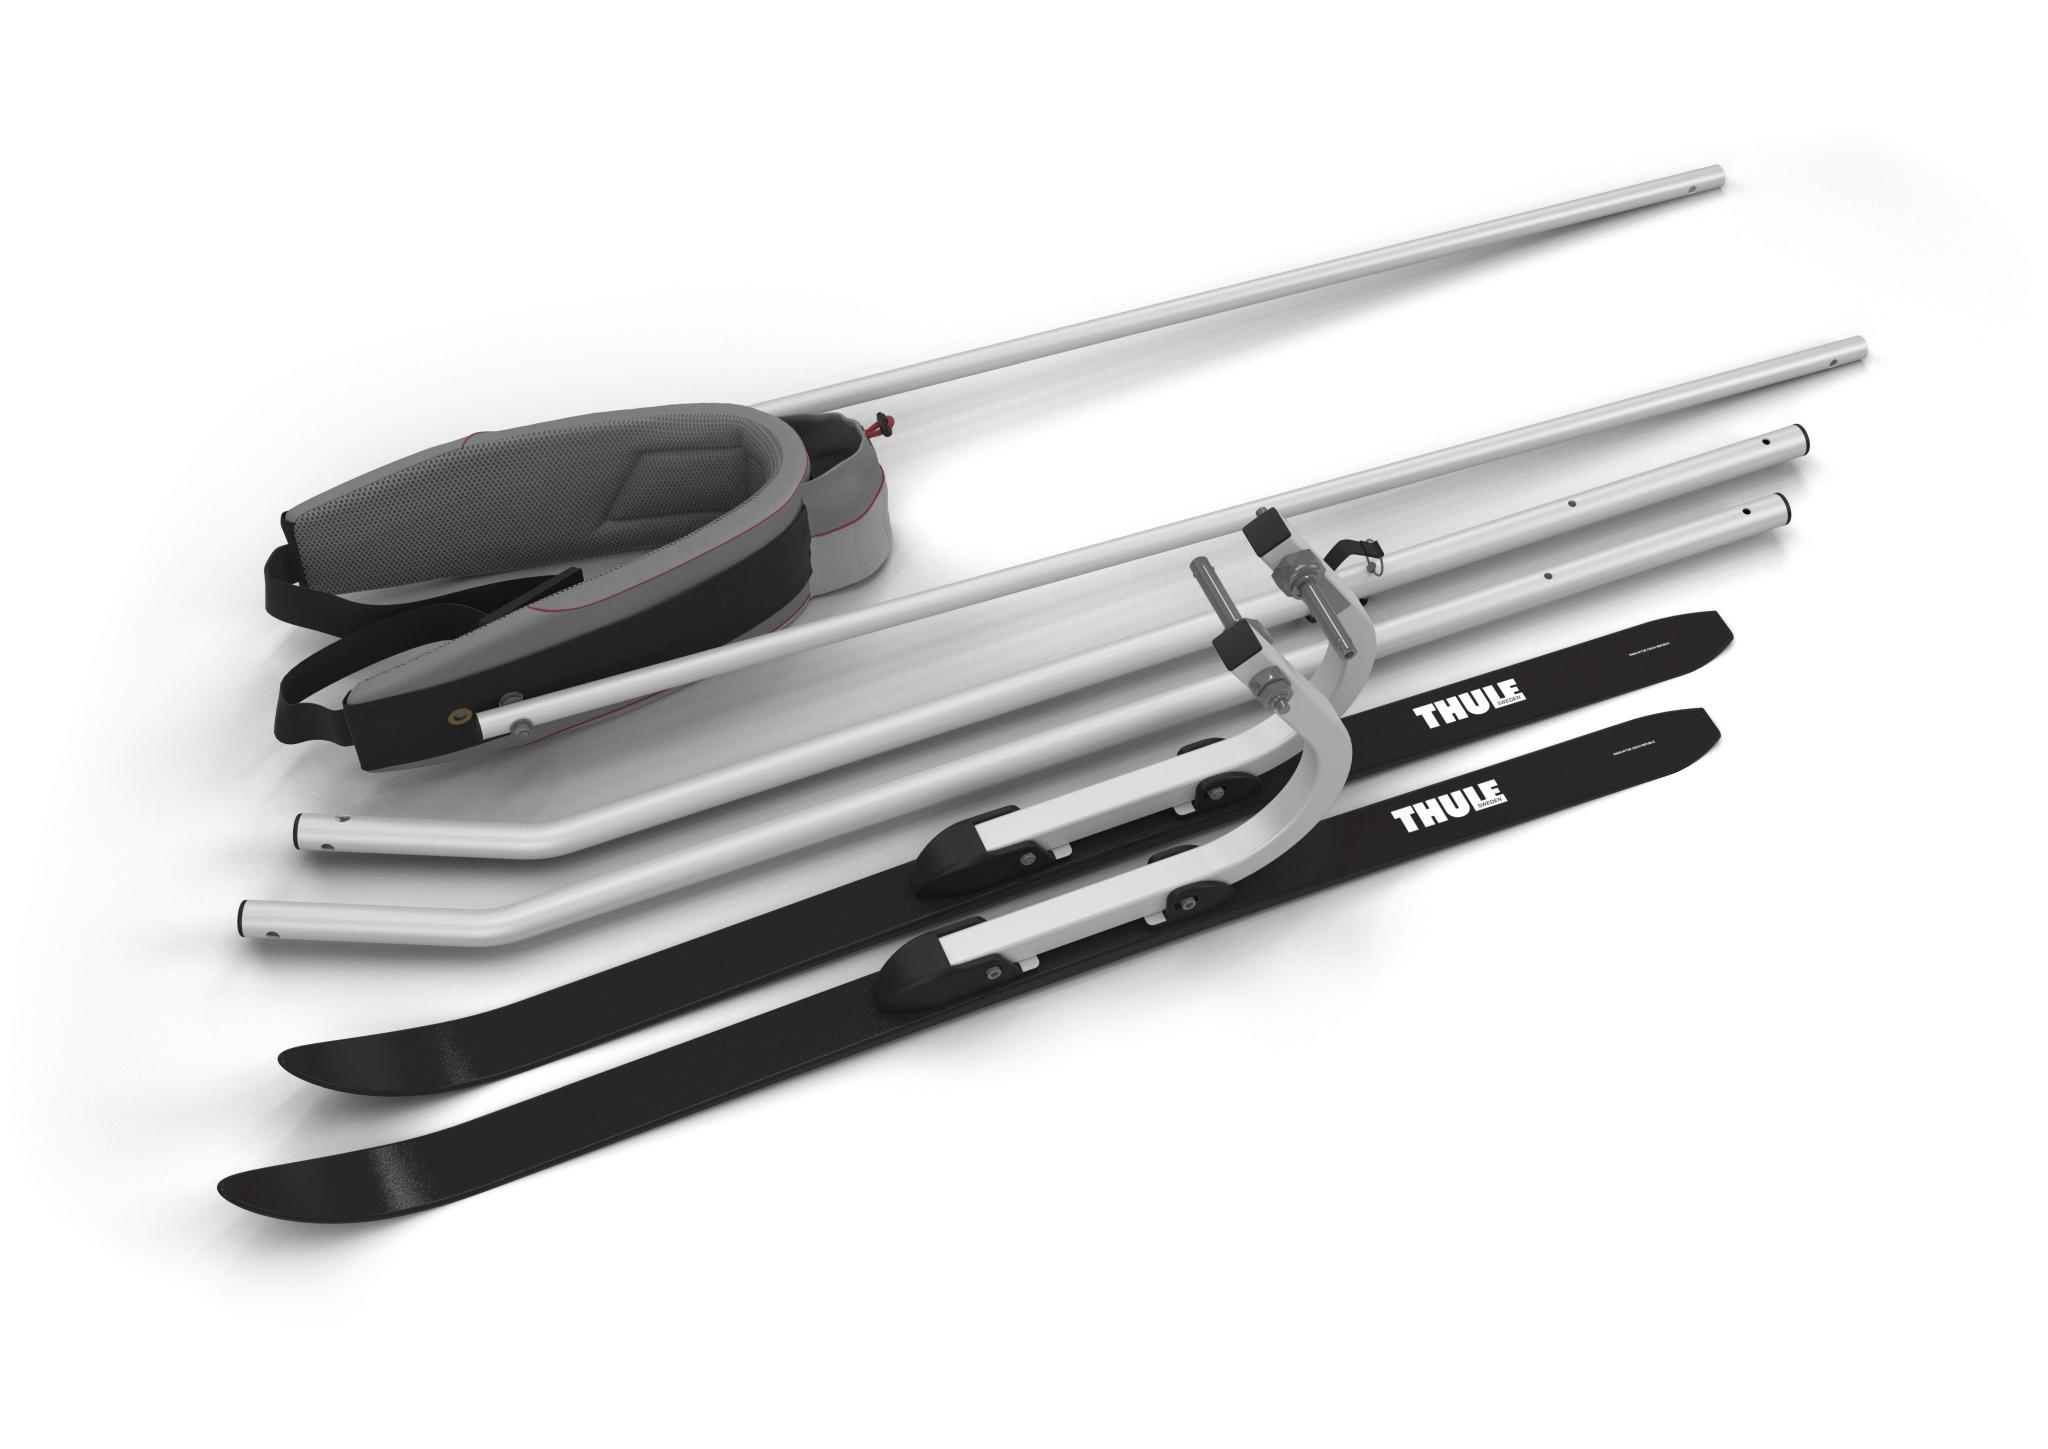 THULE Chariot - Zestaw do uprawiania narciarstwa biegowego i pieszych wędrówek, 2017